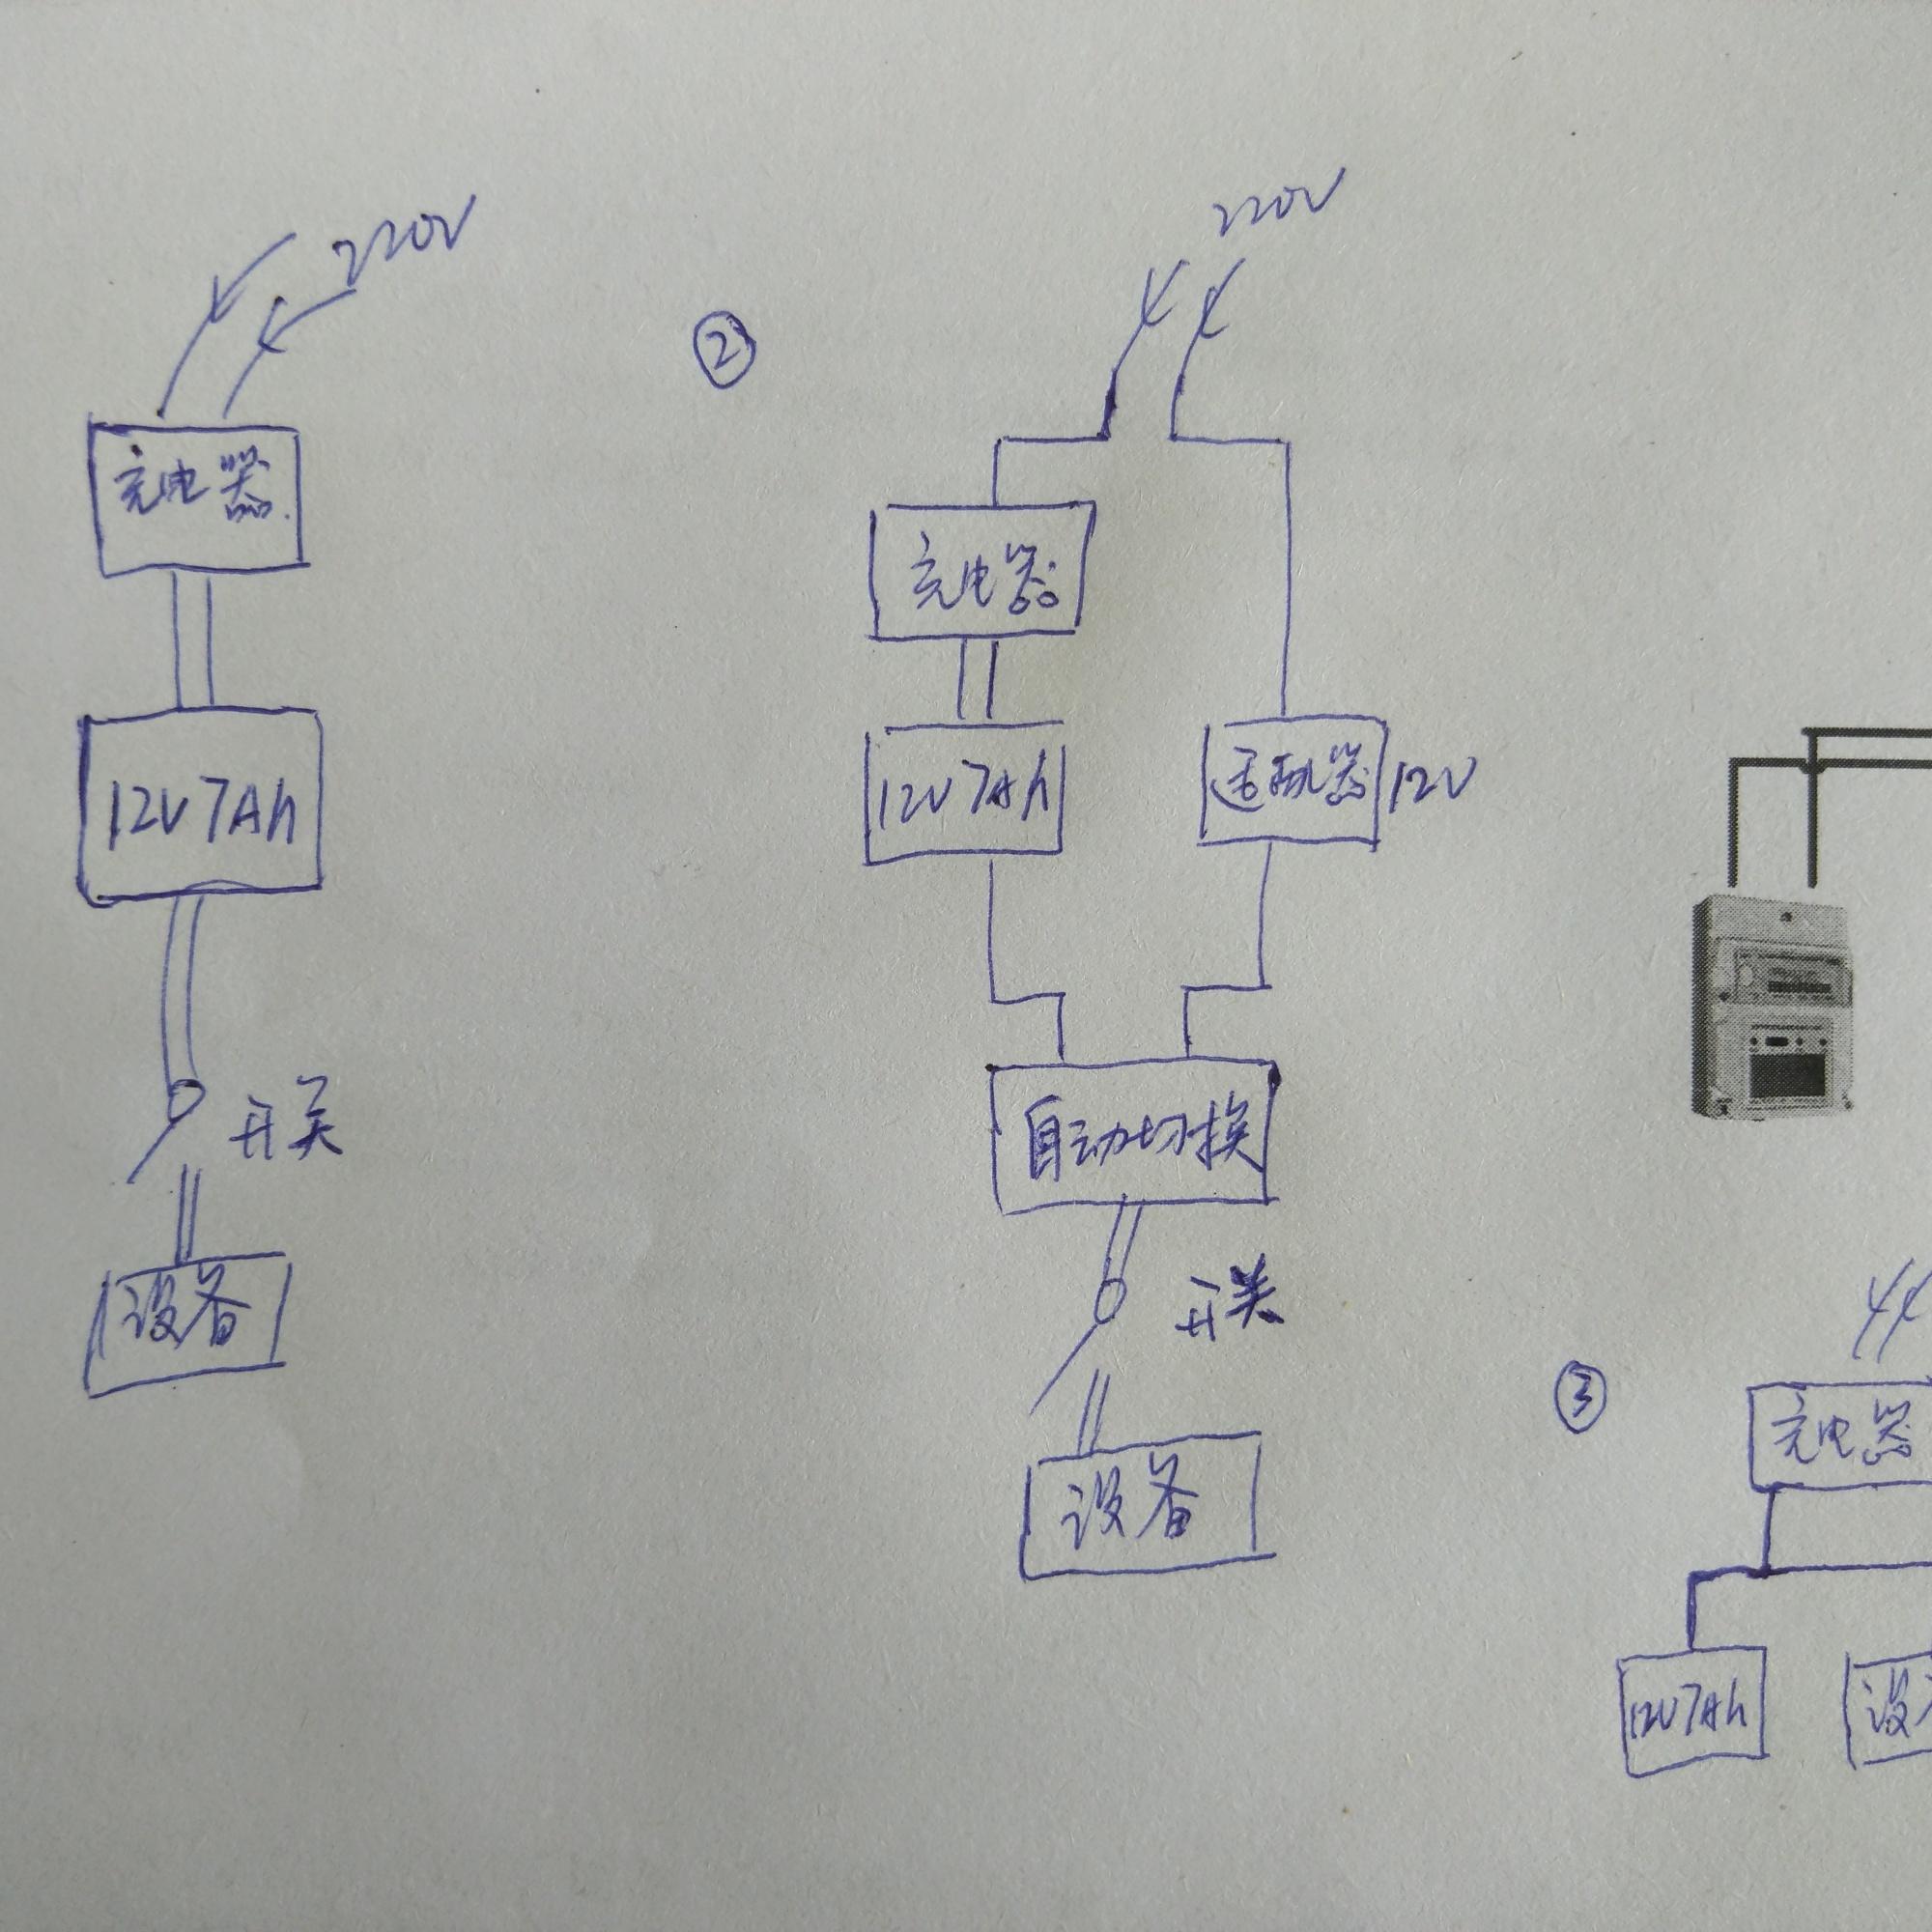 关于电池供电的几个方案请教下大家